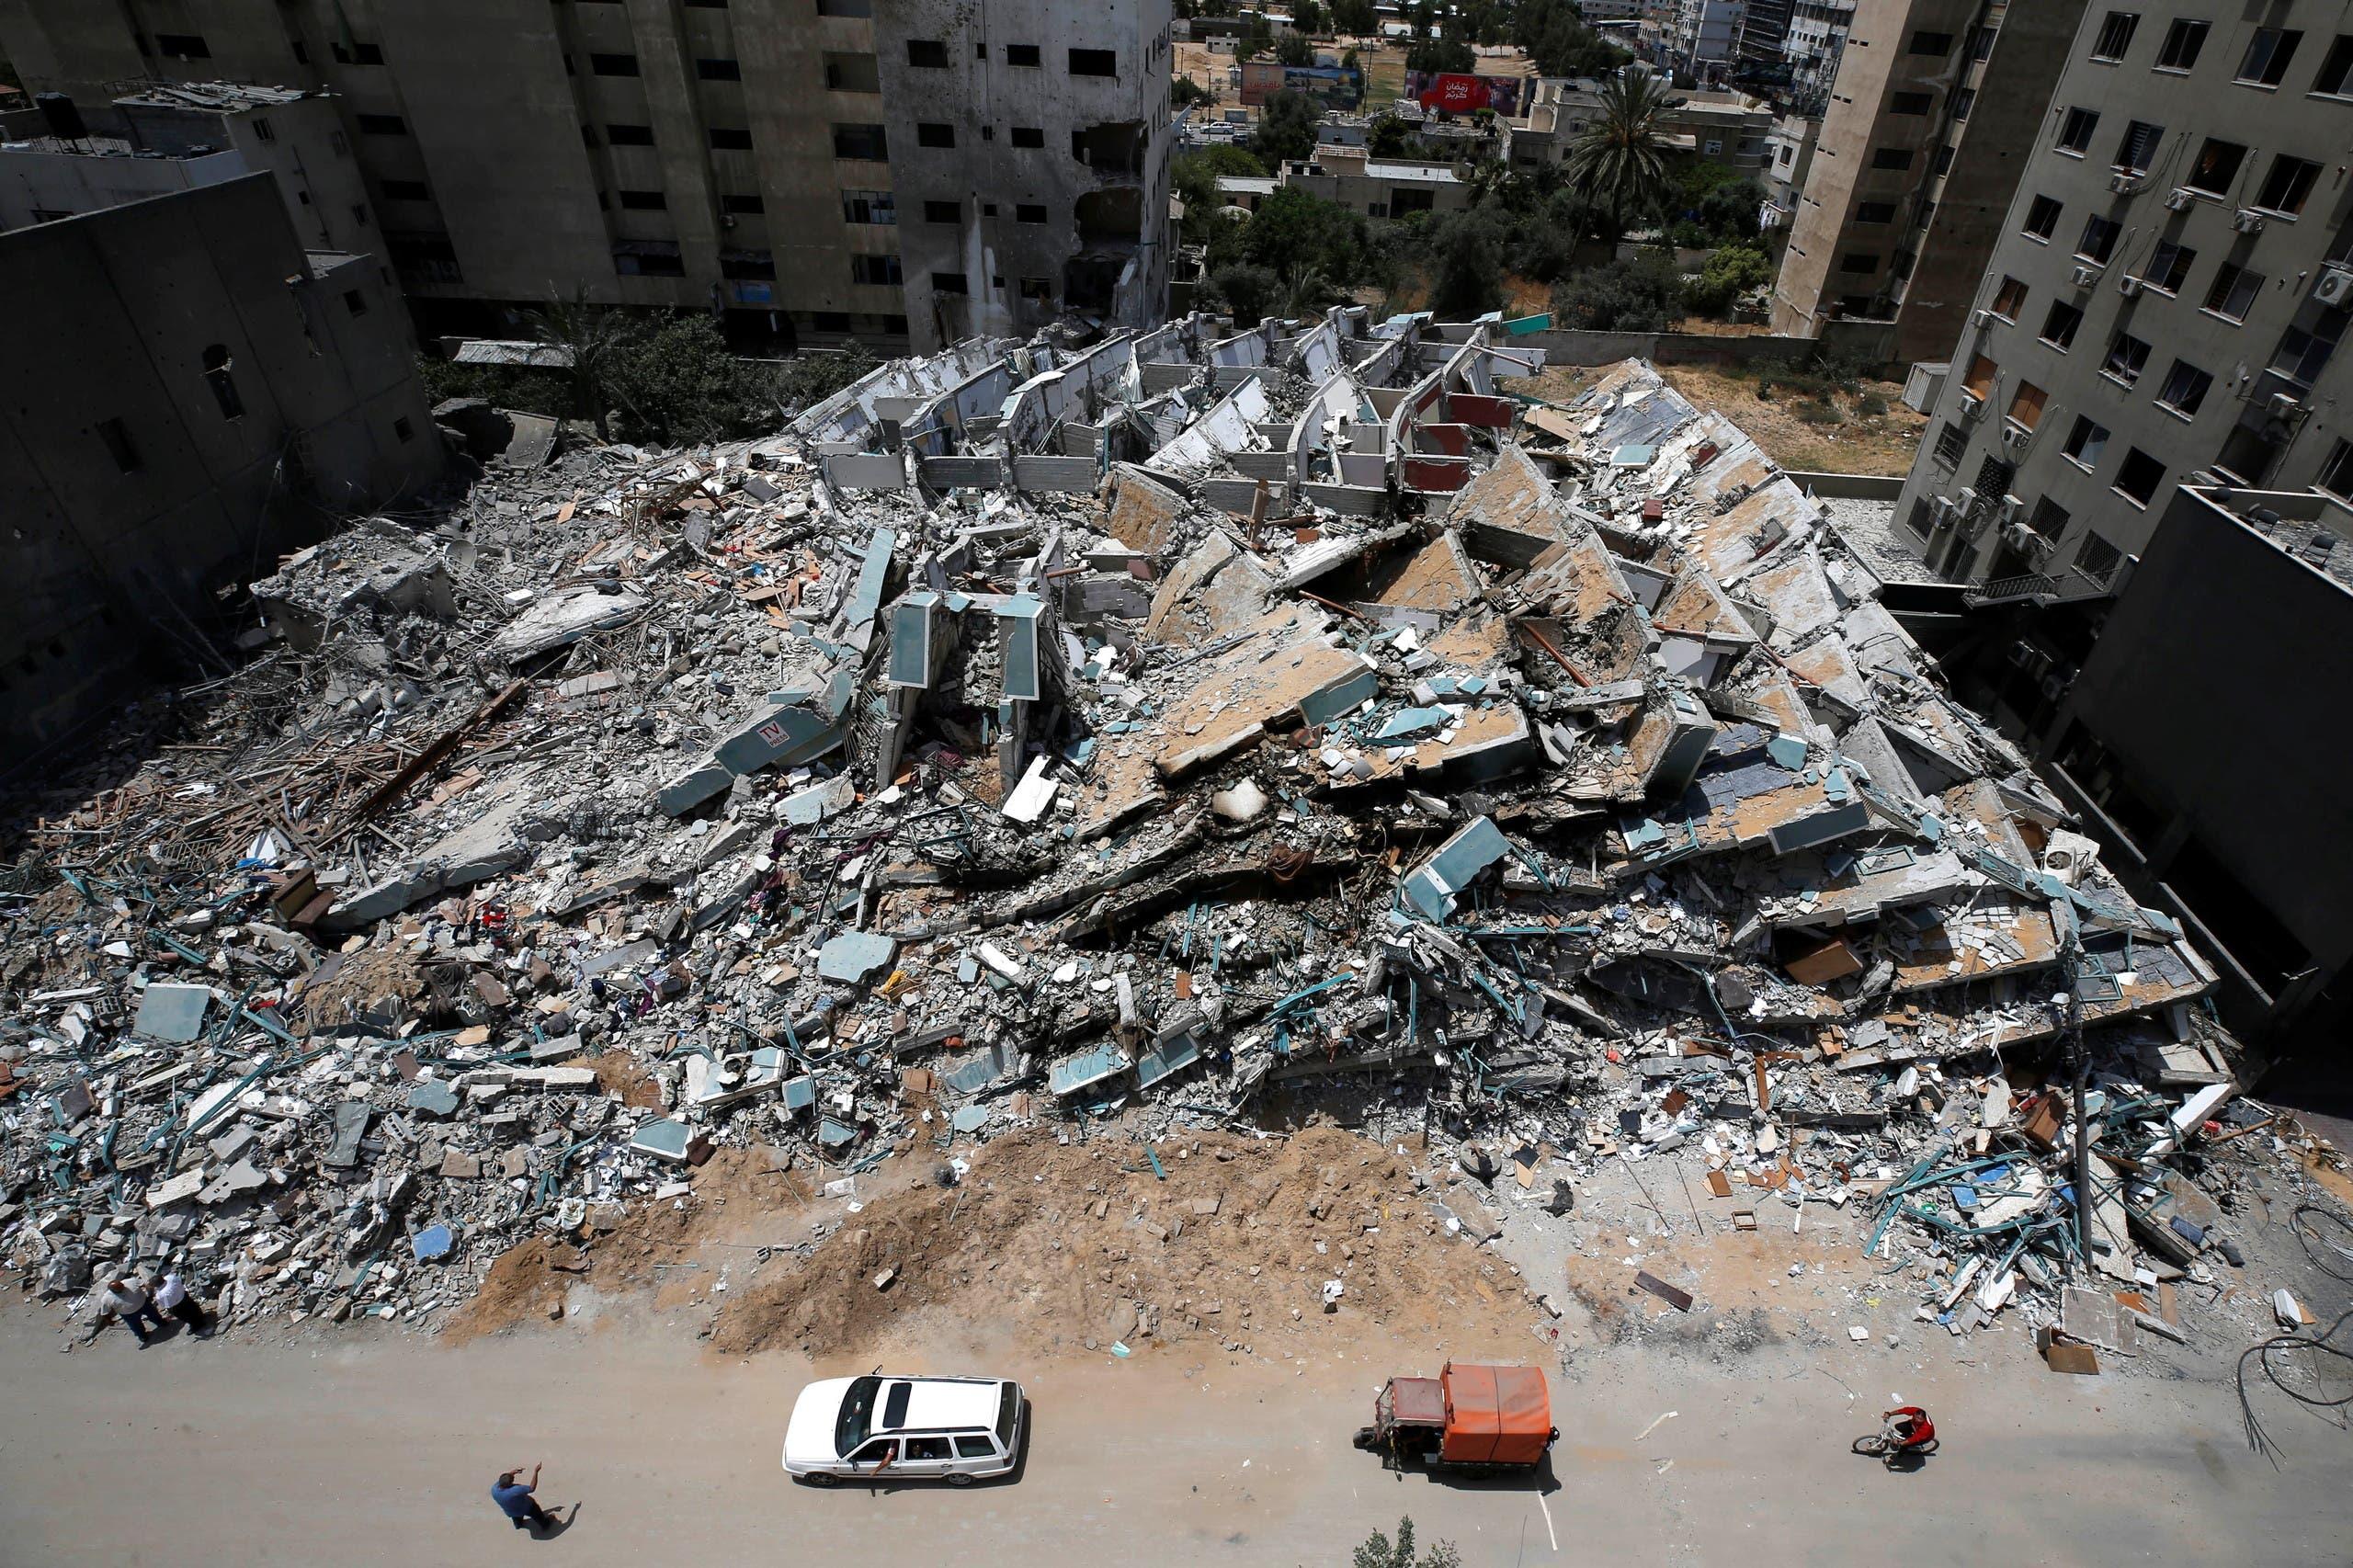 الدمار هو المشهد السائد في غزة بعد 11 يوما من القصف